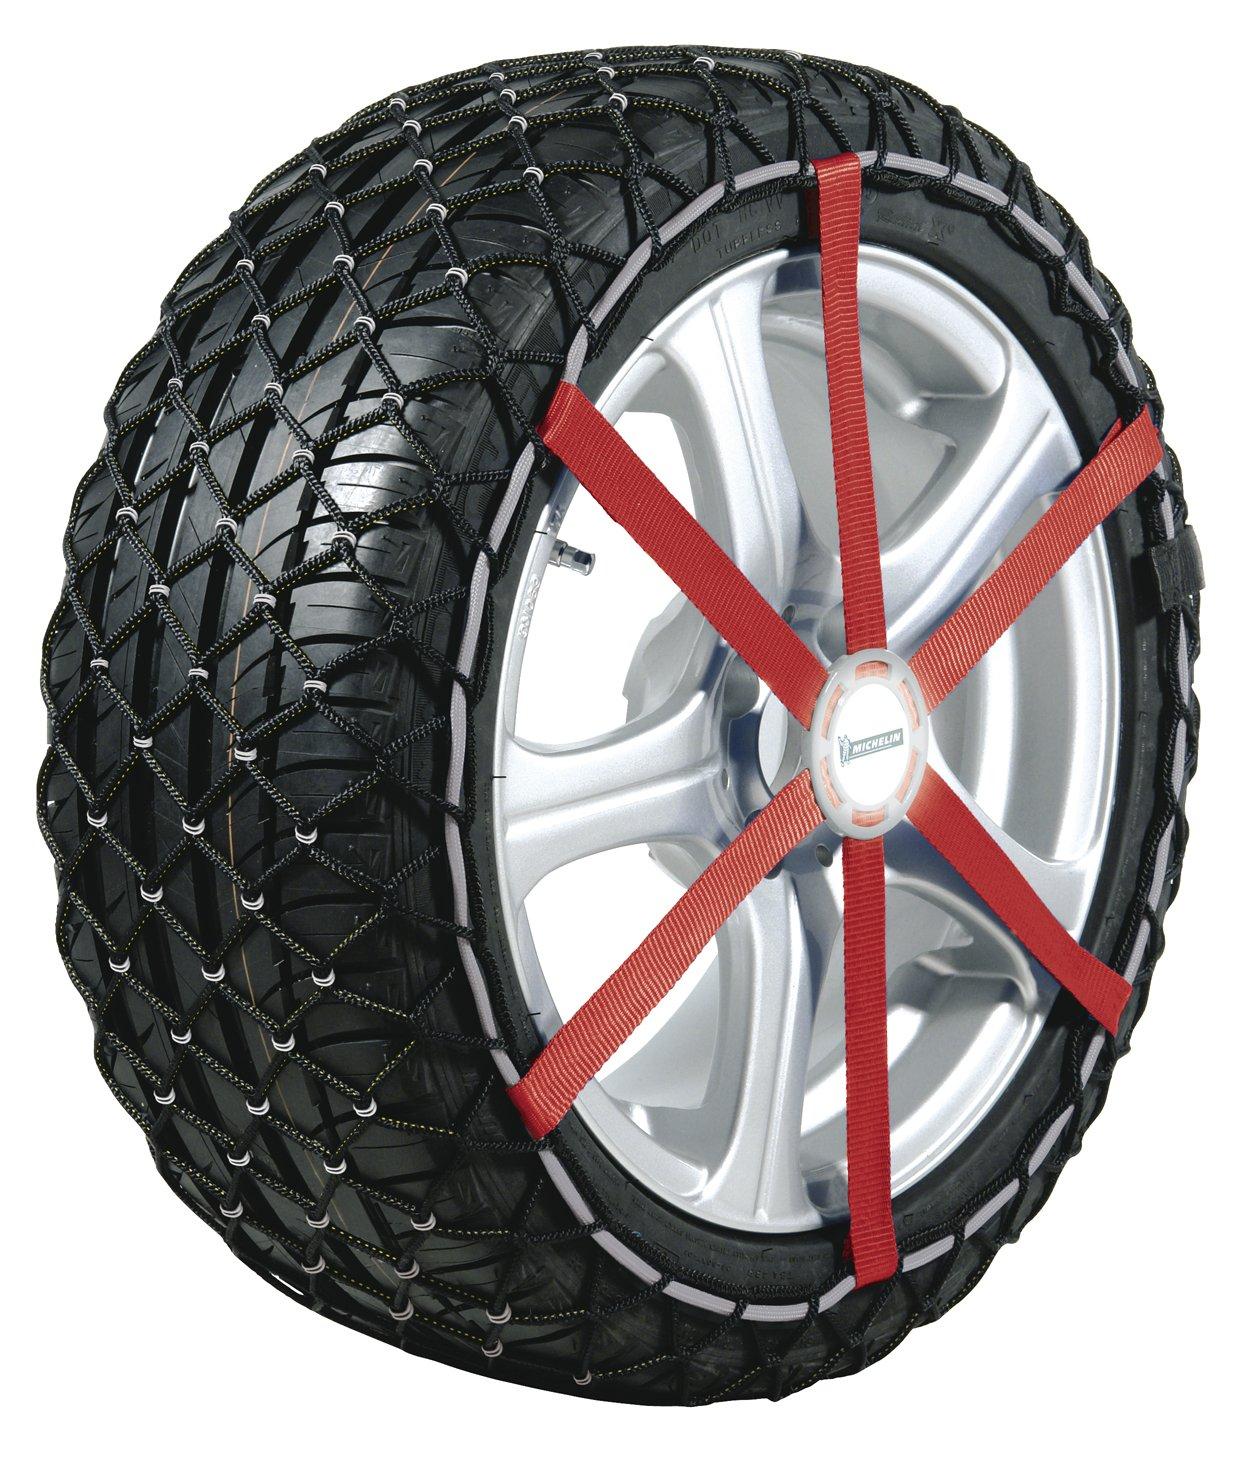 Coppia di calze da neve per pneumatici Michelí n Easy Grip misura S12, Specifiche per pneumatici: 215/55_R17 MICHELIN 30223190190